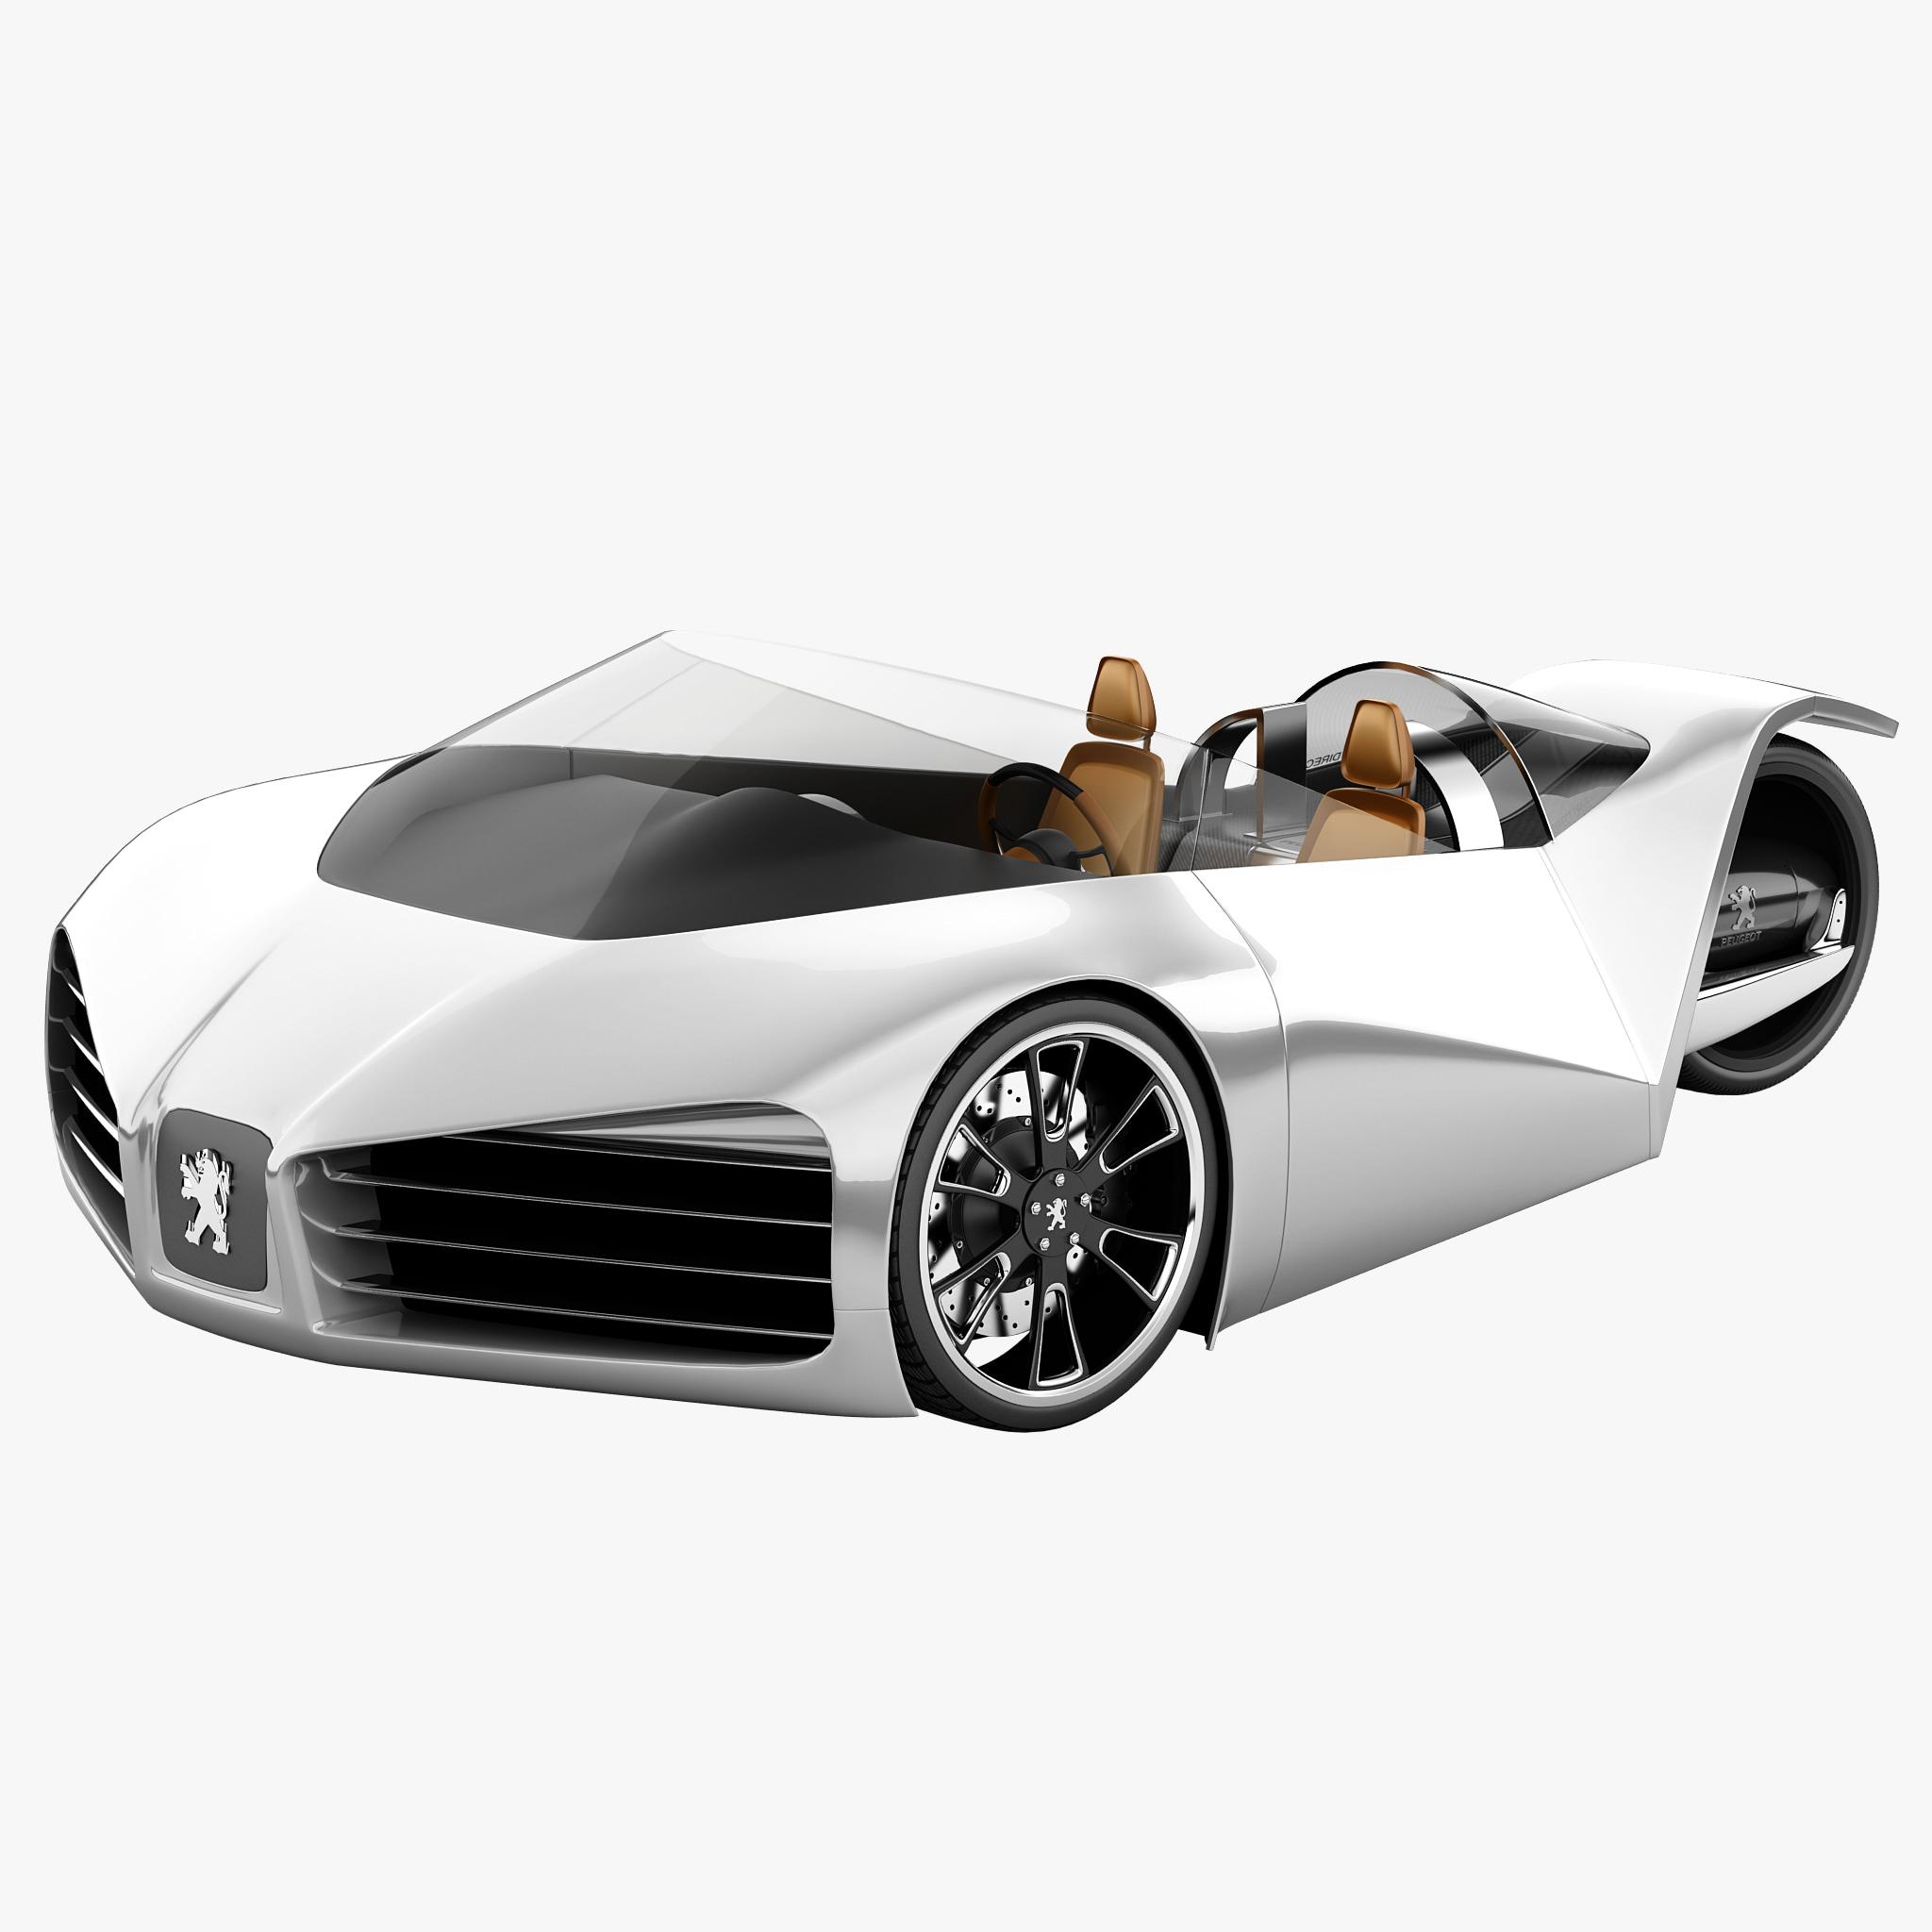 3d peugeot velocite eco concept car model